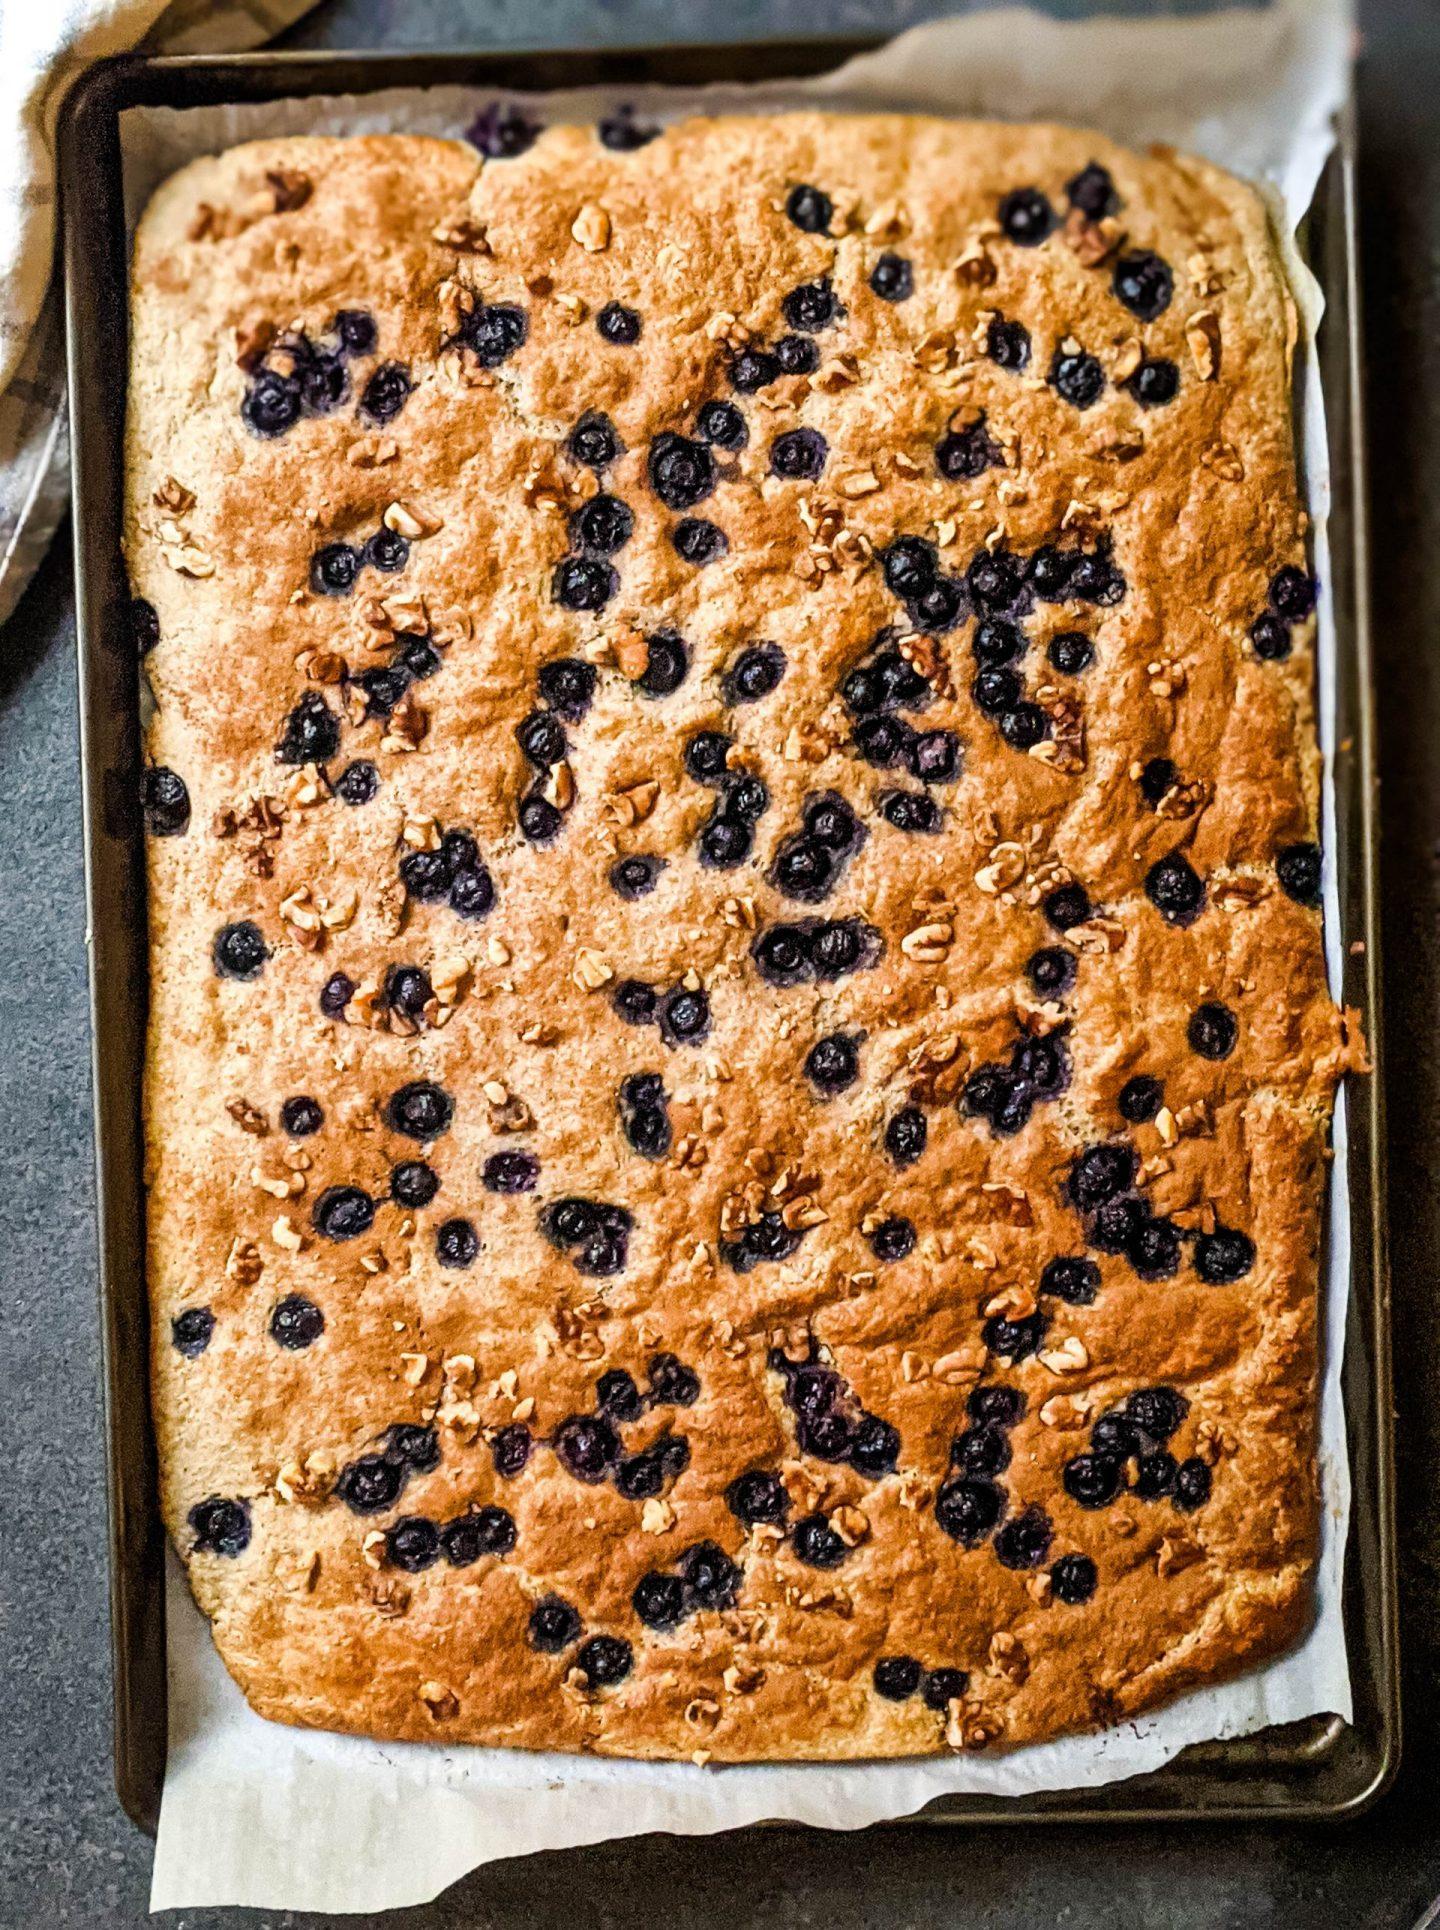 baked sheet pan protein pancake